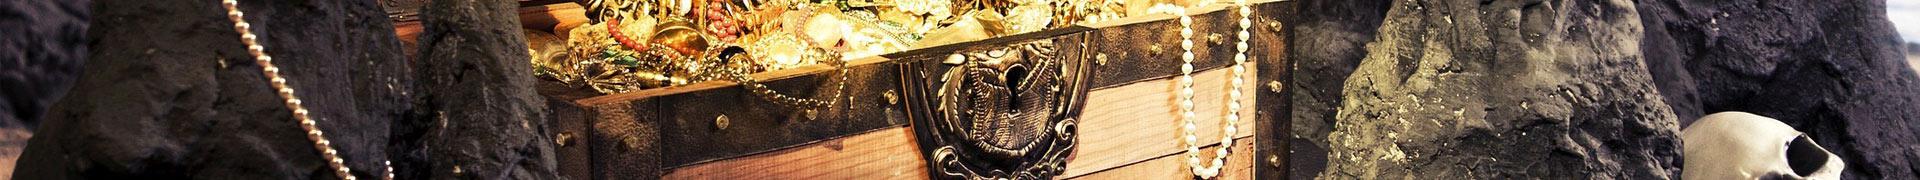 Thématique d'une aire de jeux - Chasse au trésor